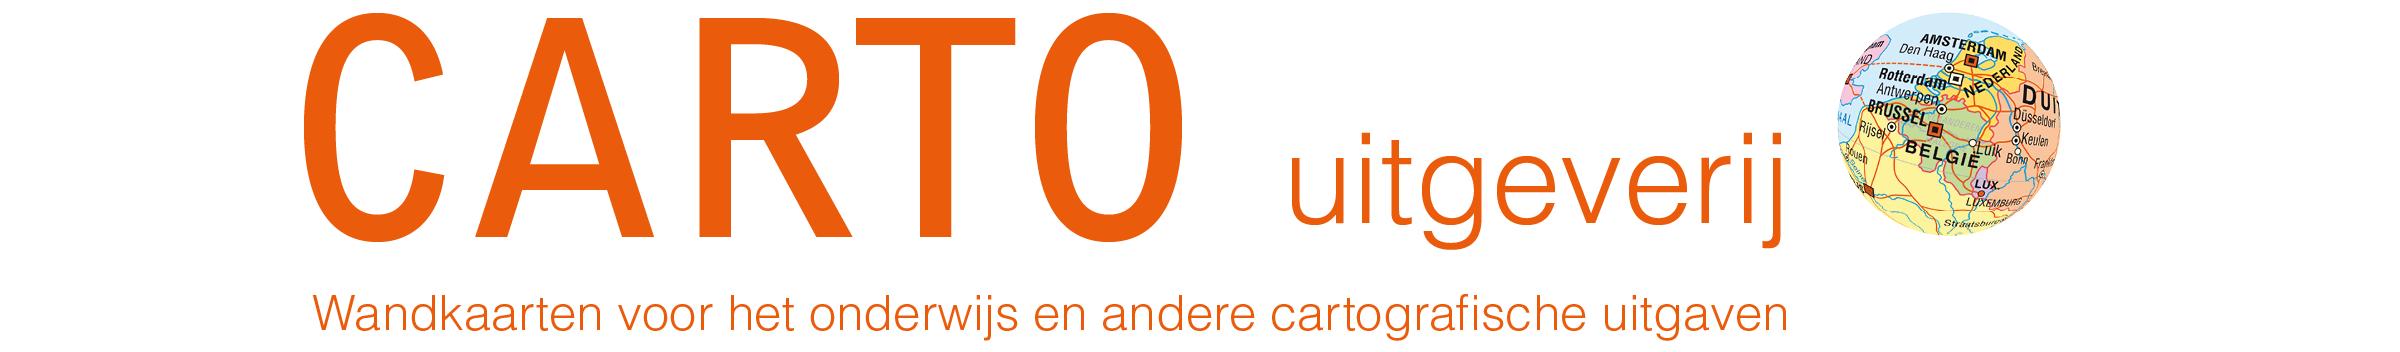 CARTO uitgeverij